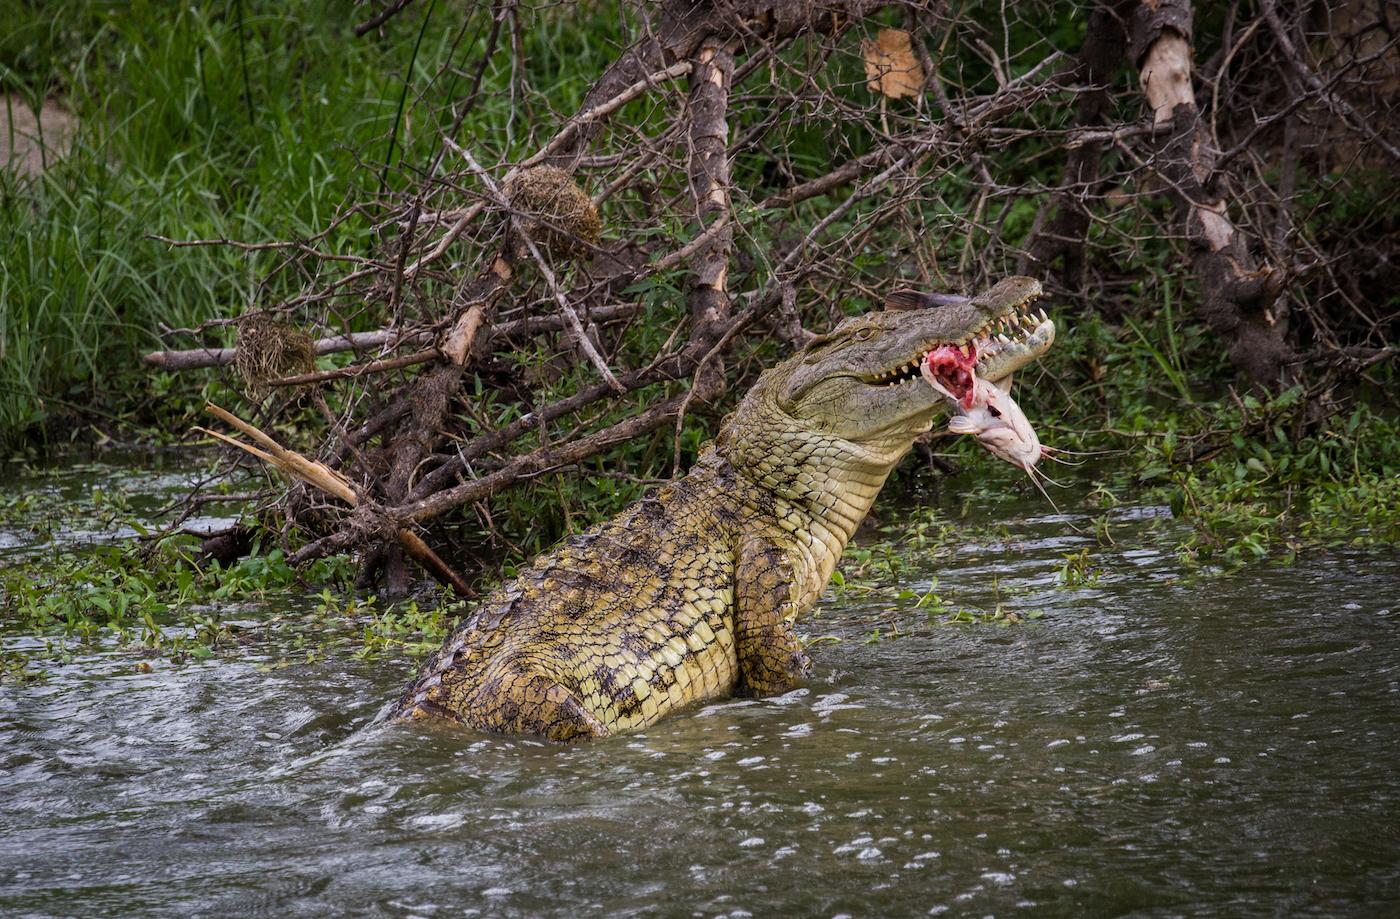 Croc catfish-1960